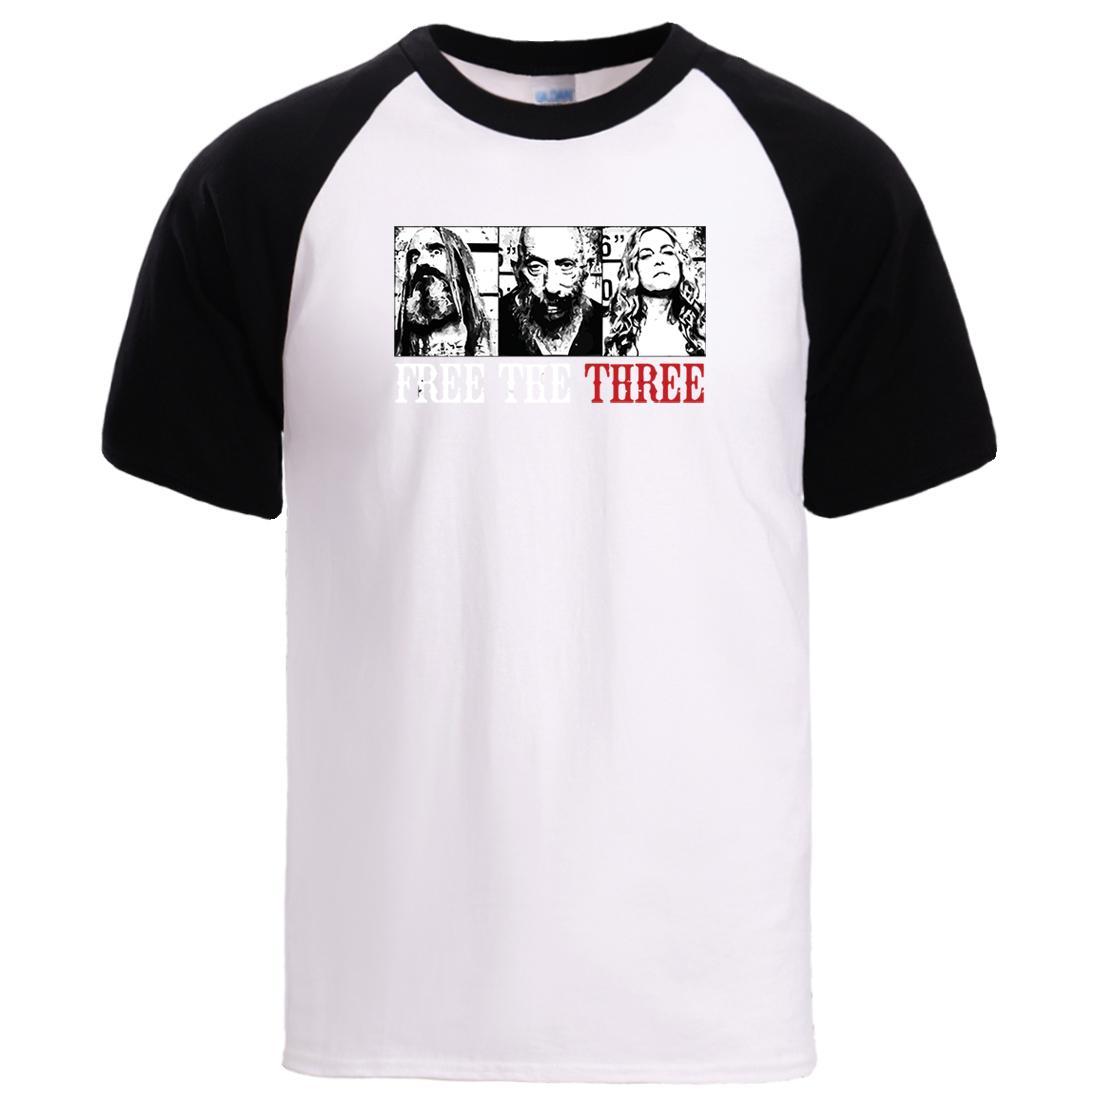 Gratuito The Three camisetas Mens manga curta Casual luva camisetas Raglan Verão Tee Tops 2020 Man Moda Harajuku frouxo camisetas